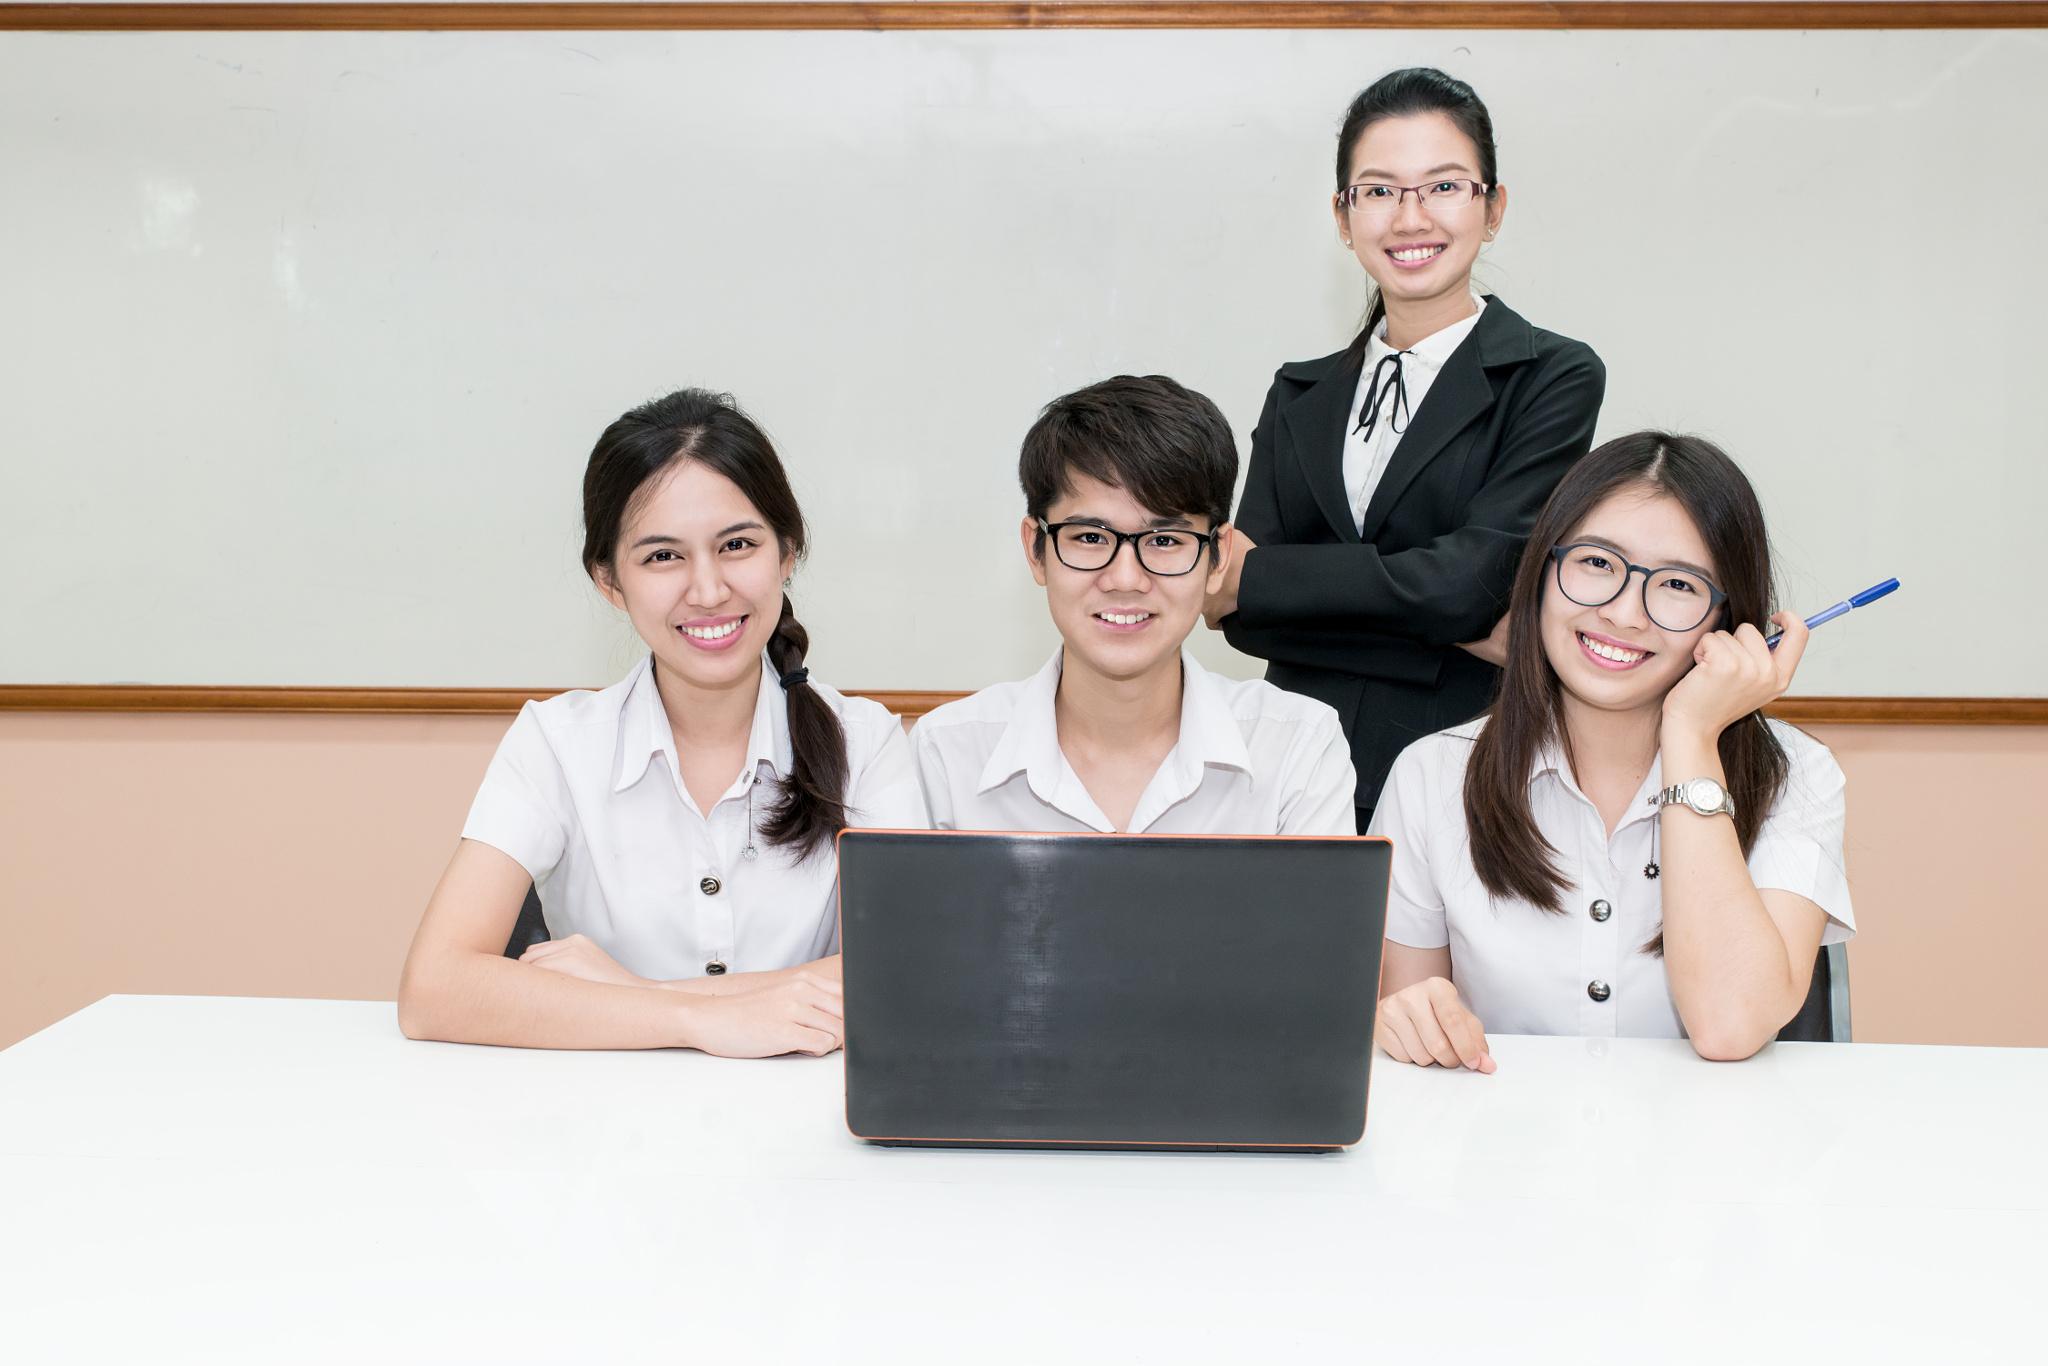 Ưu điểm của việc học tiếng Anh tại Philippines